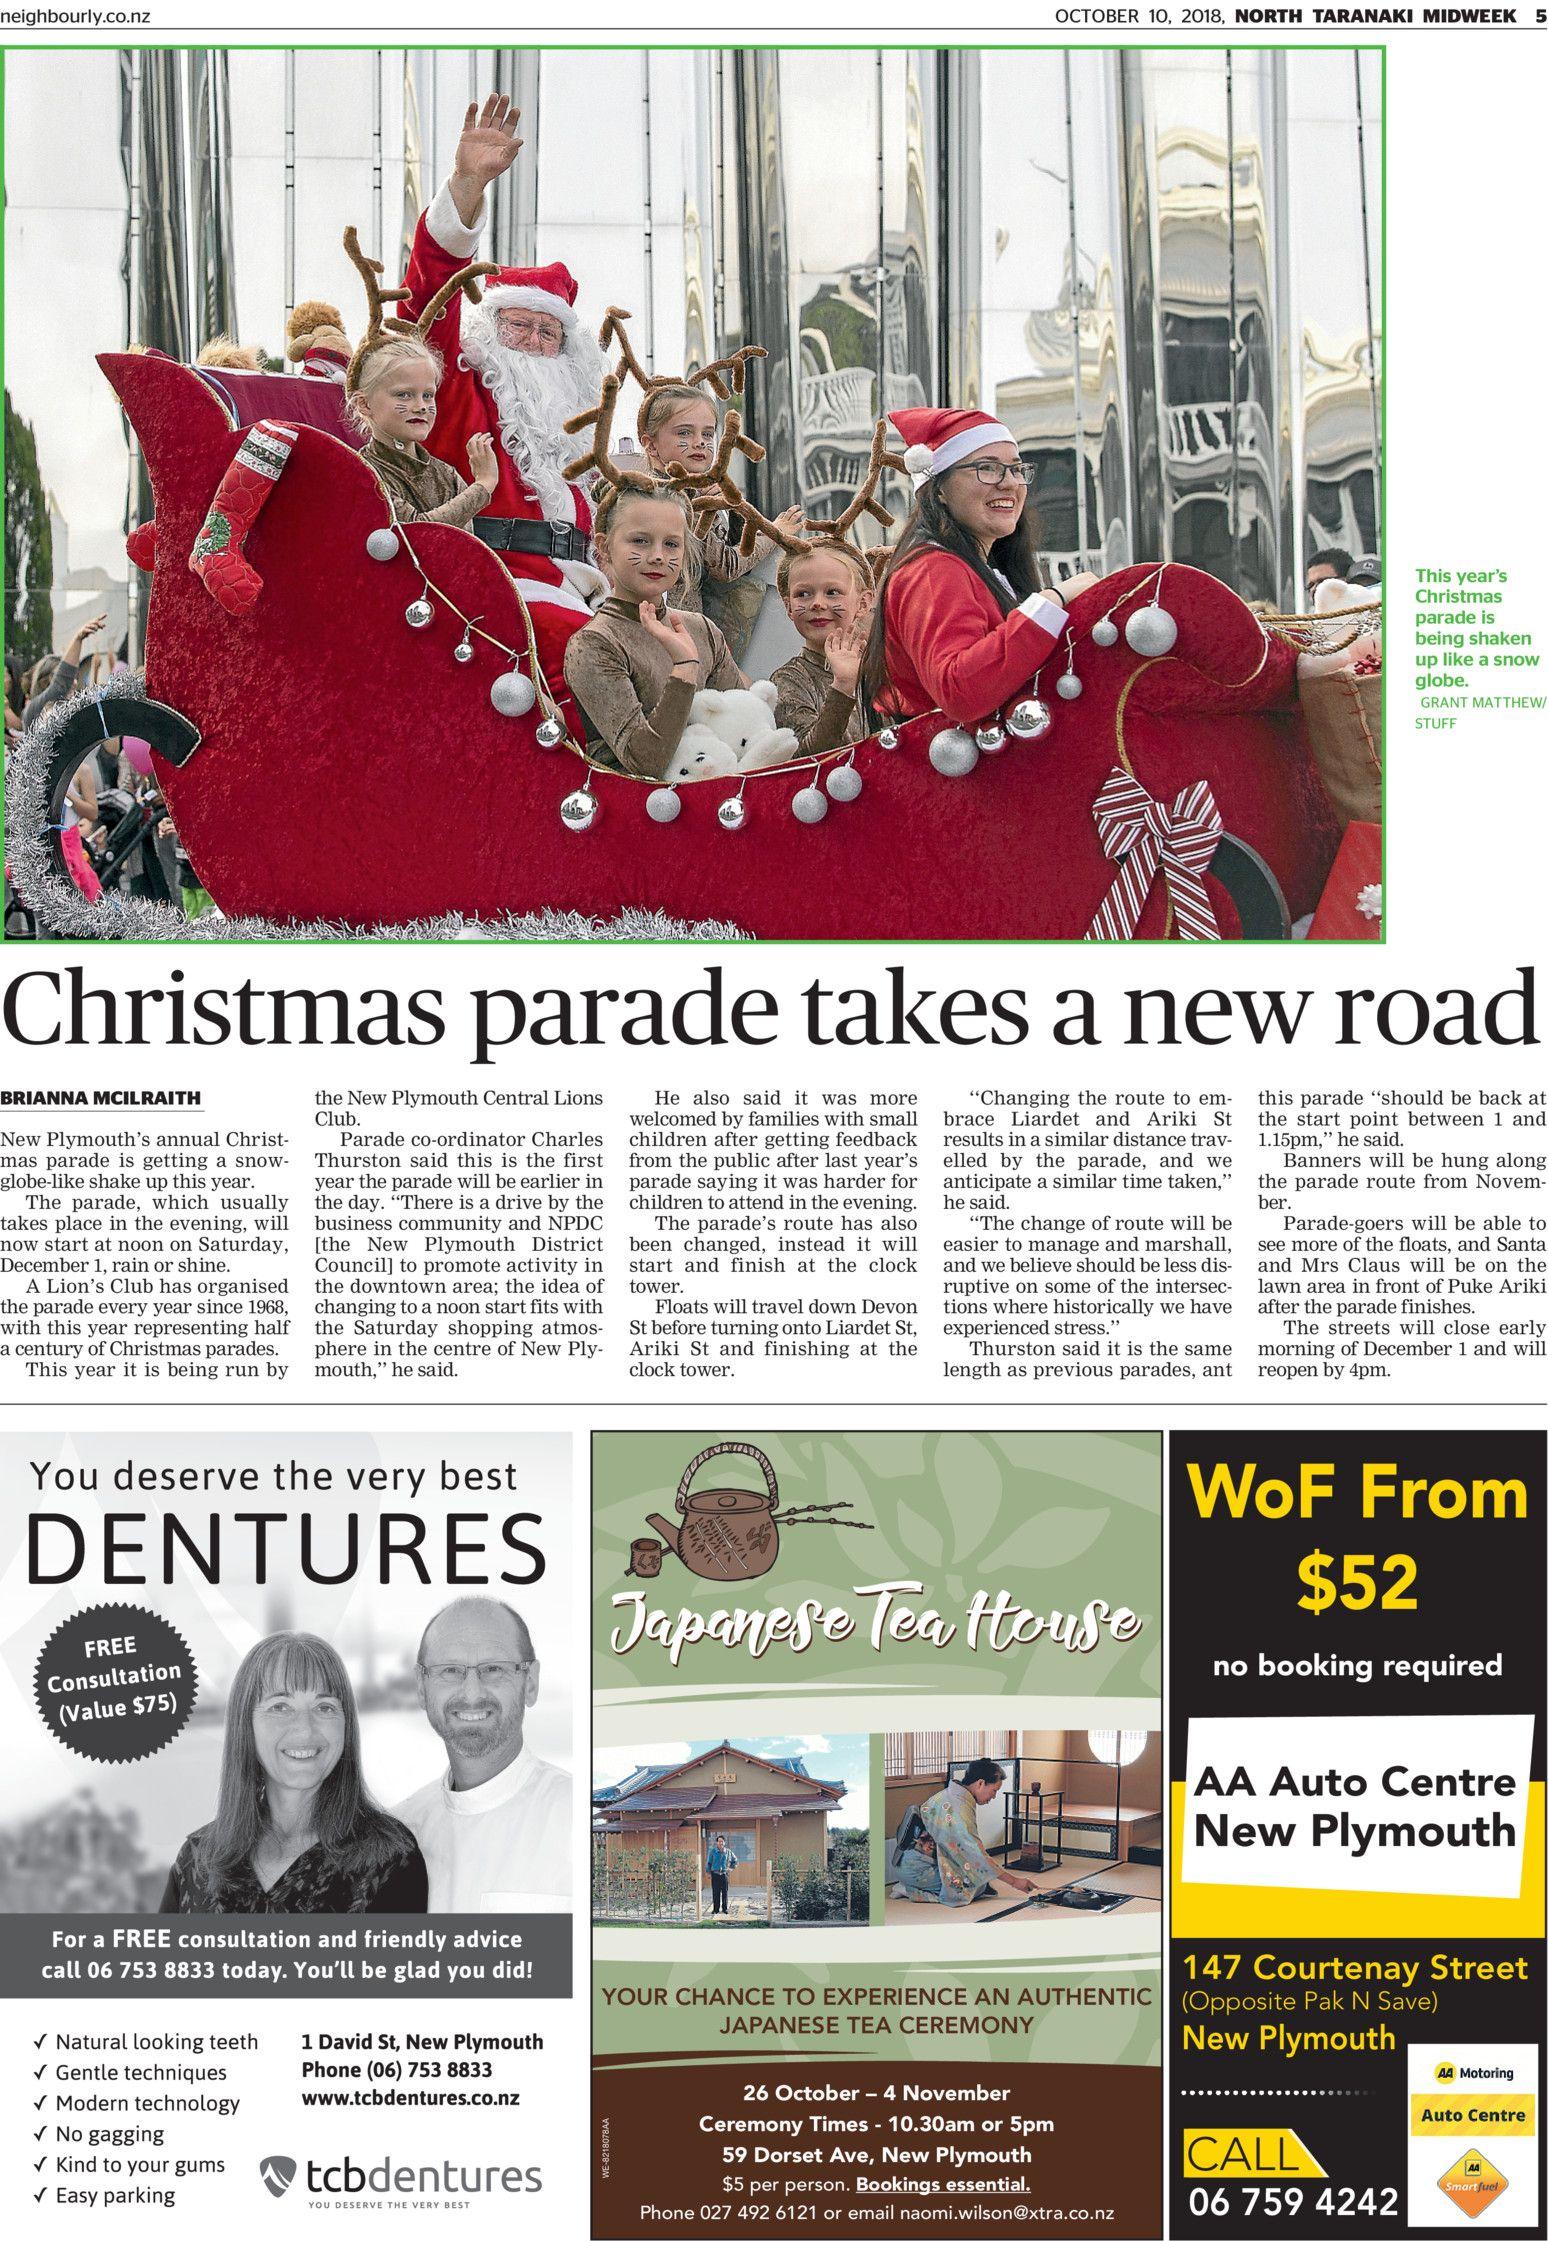 North Taranaki Midweek - Read online on Neighbourly